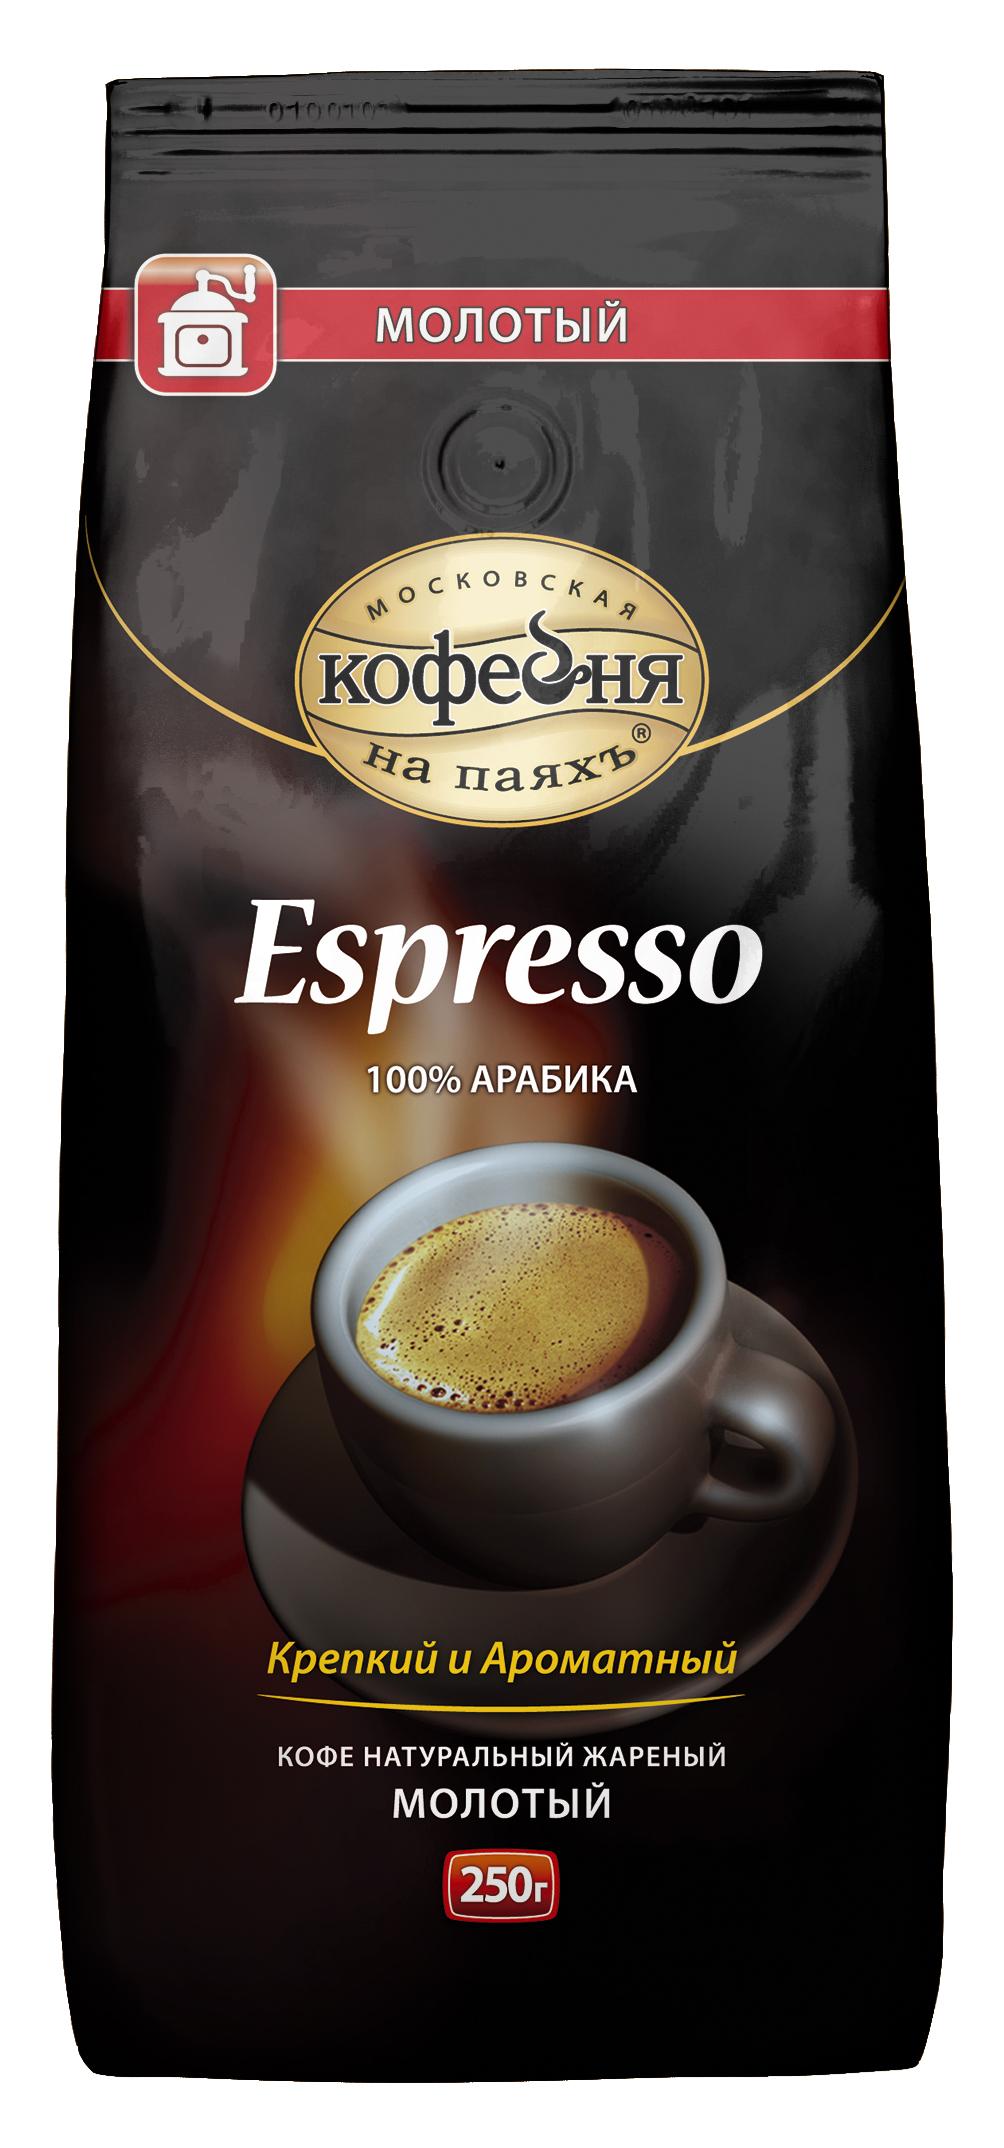 Московская кофейня на паяхъ Espresso кофе молотый, 250 г